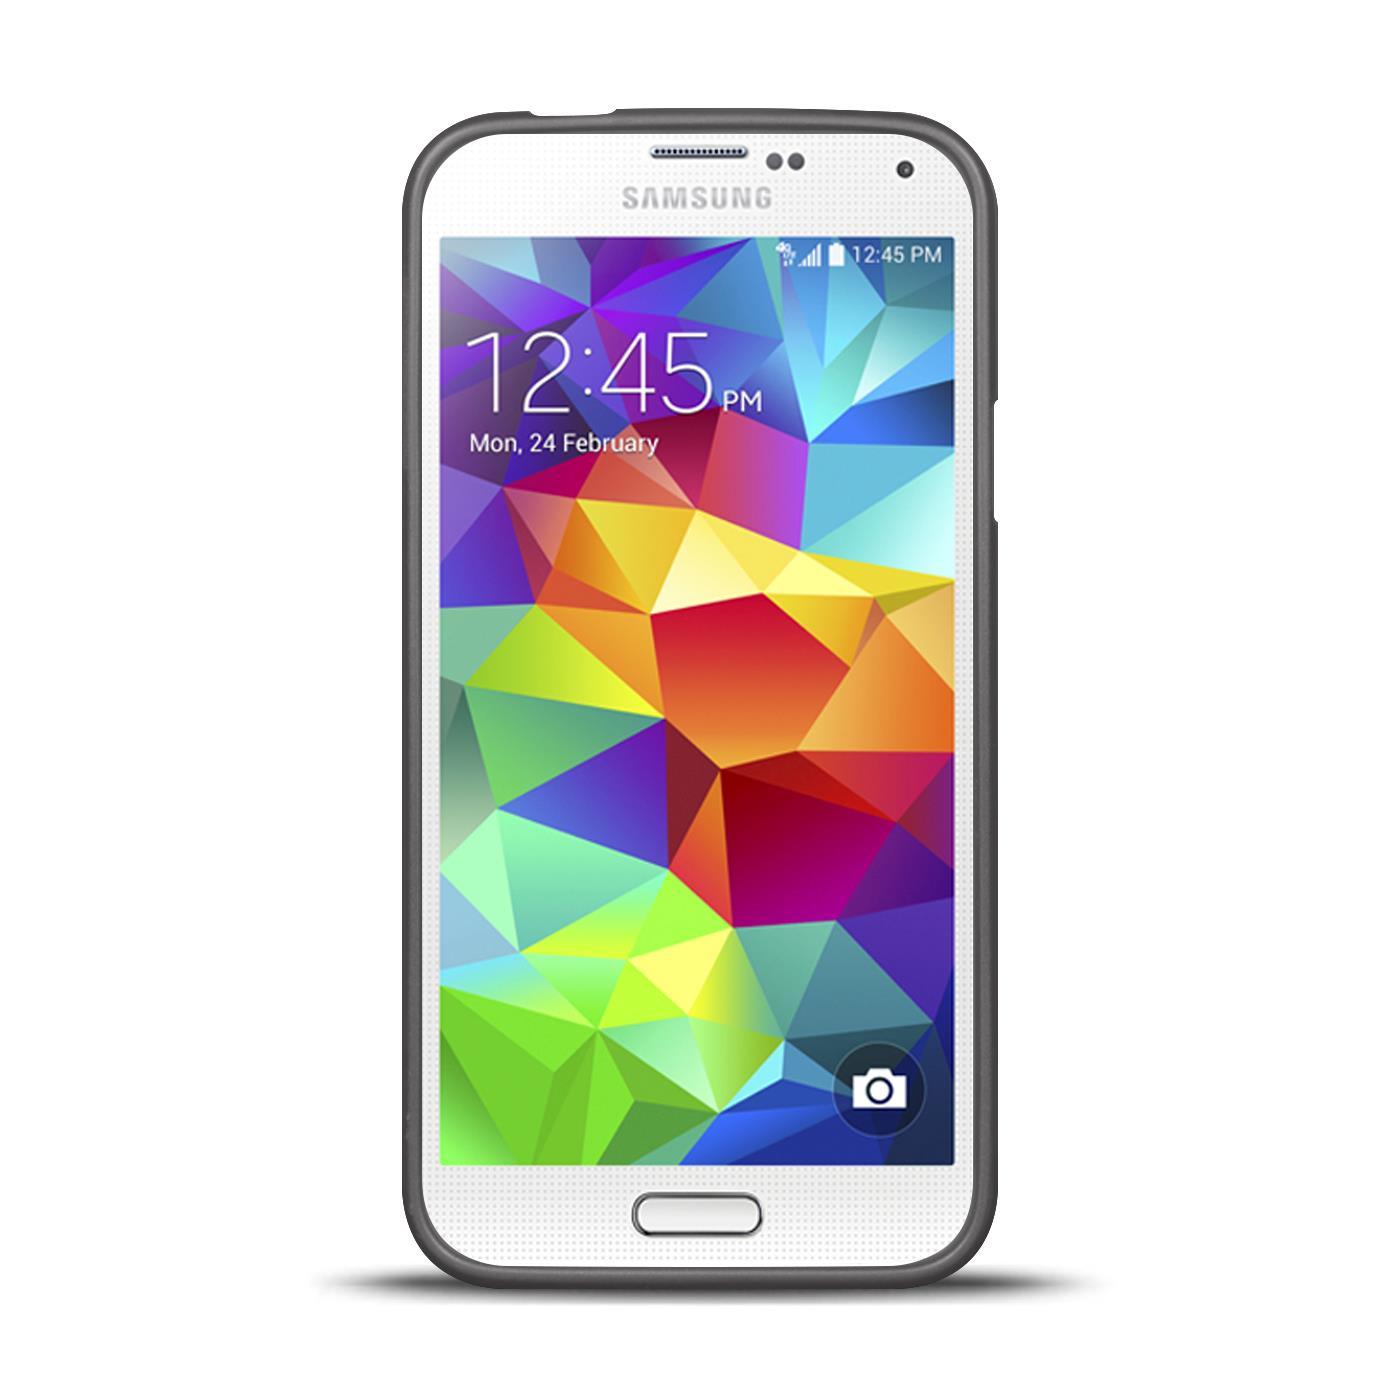 Silikon-Bumper-Case-Samsung-Galaxy-s5-Neo-duenne-ultra-slim-Stossfeste-Rueckschale Indexbild 7